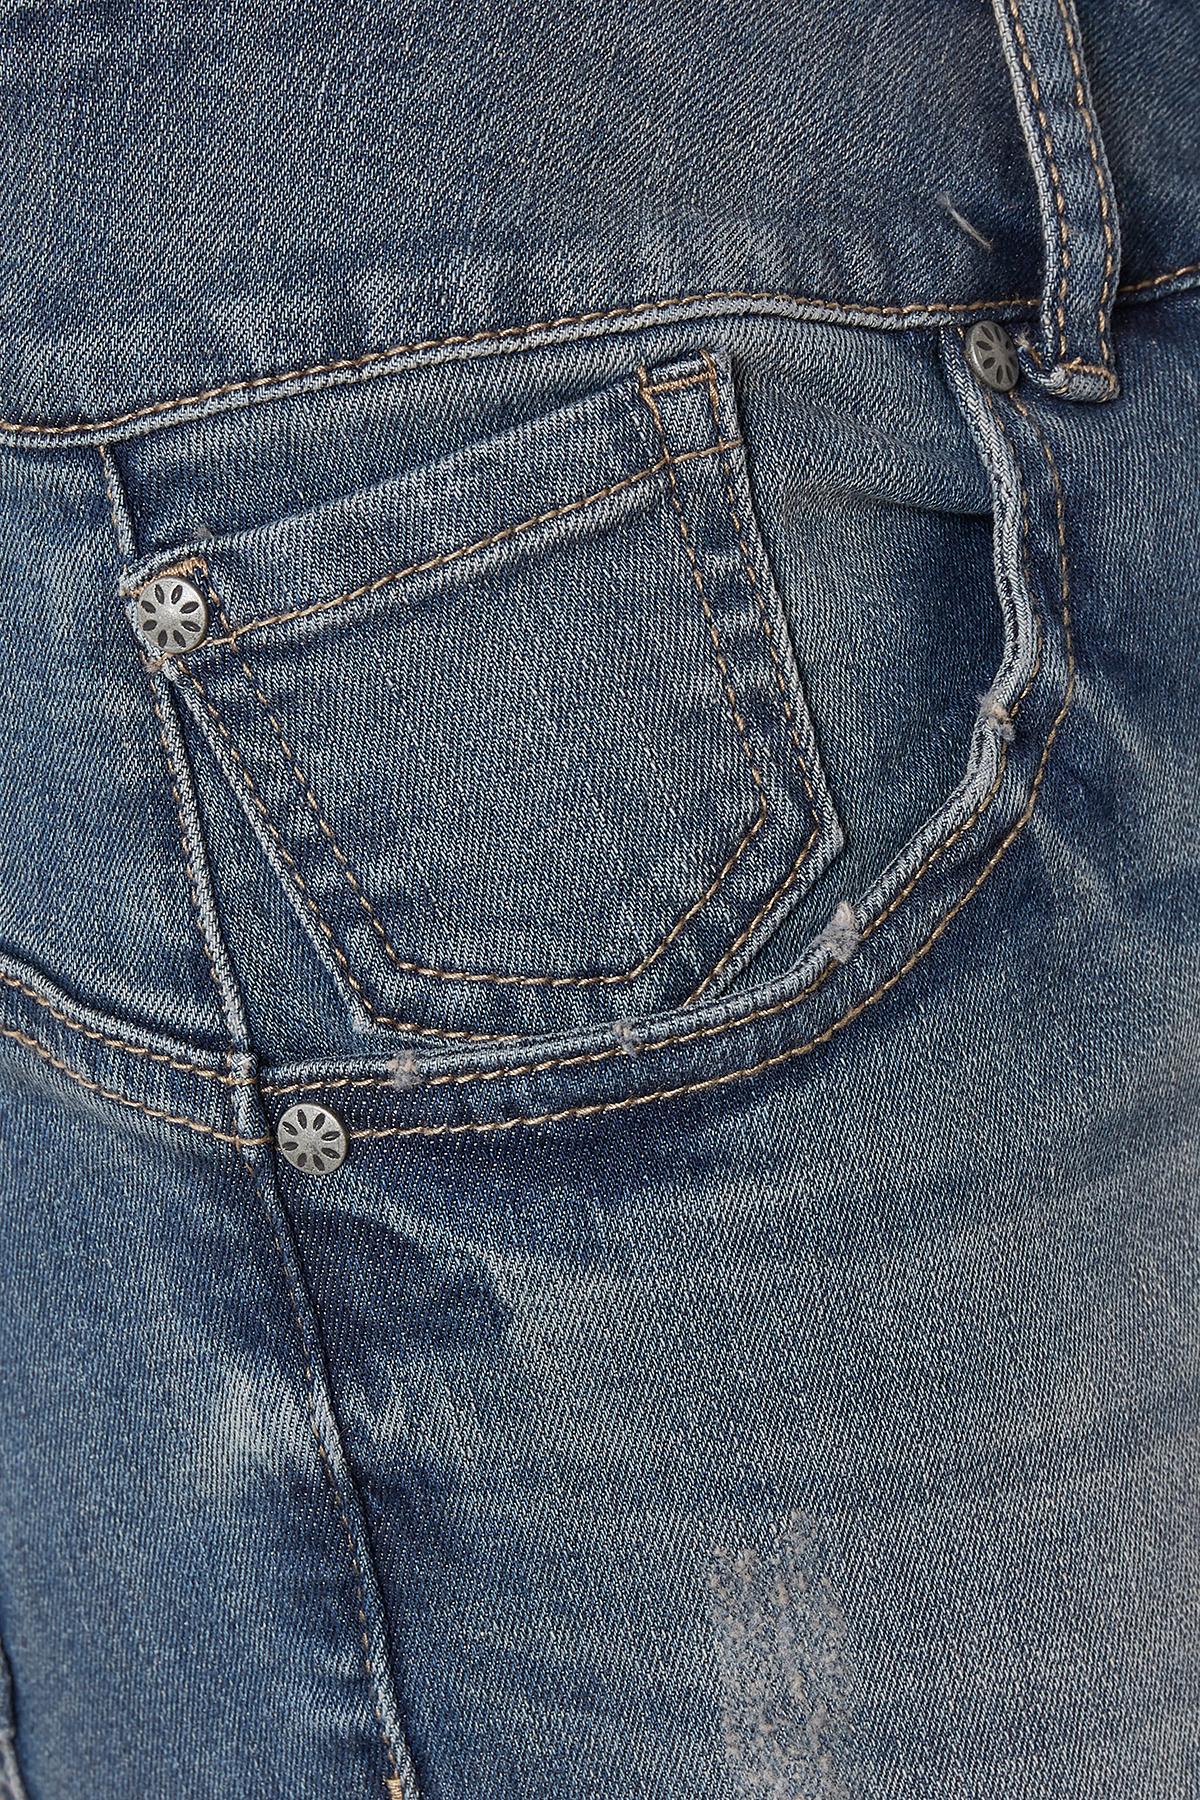 Denimblau Jeansshorts von Bon'A Parte – Shoppen Sie Denimblau Jeansshorts ab Gr. 36-48 hier